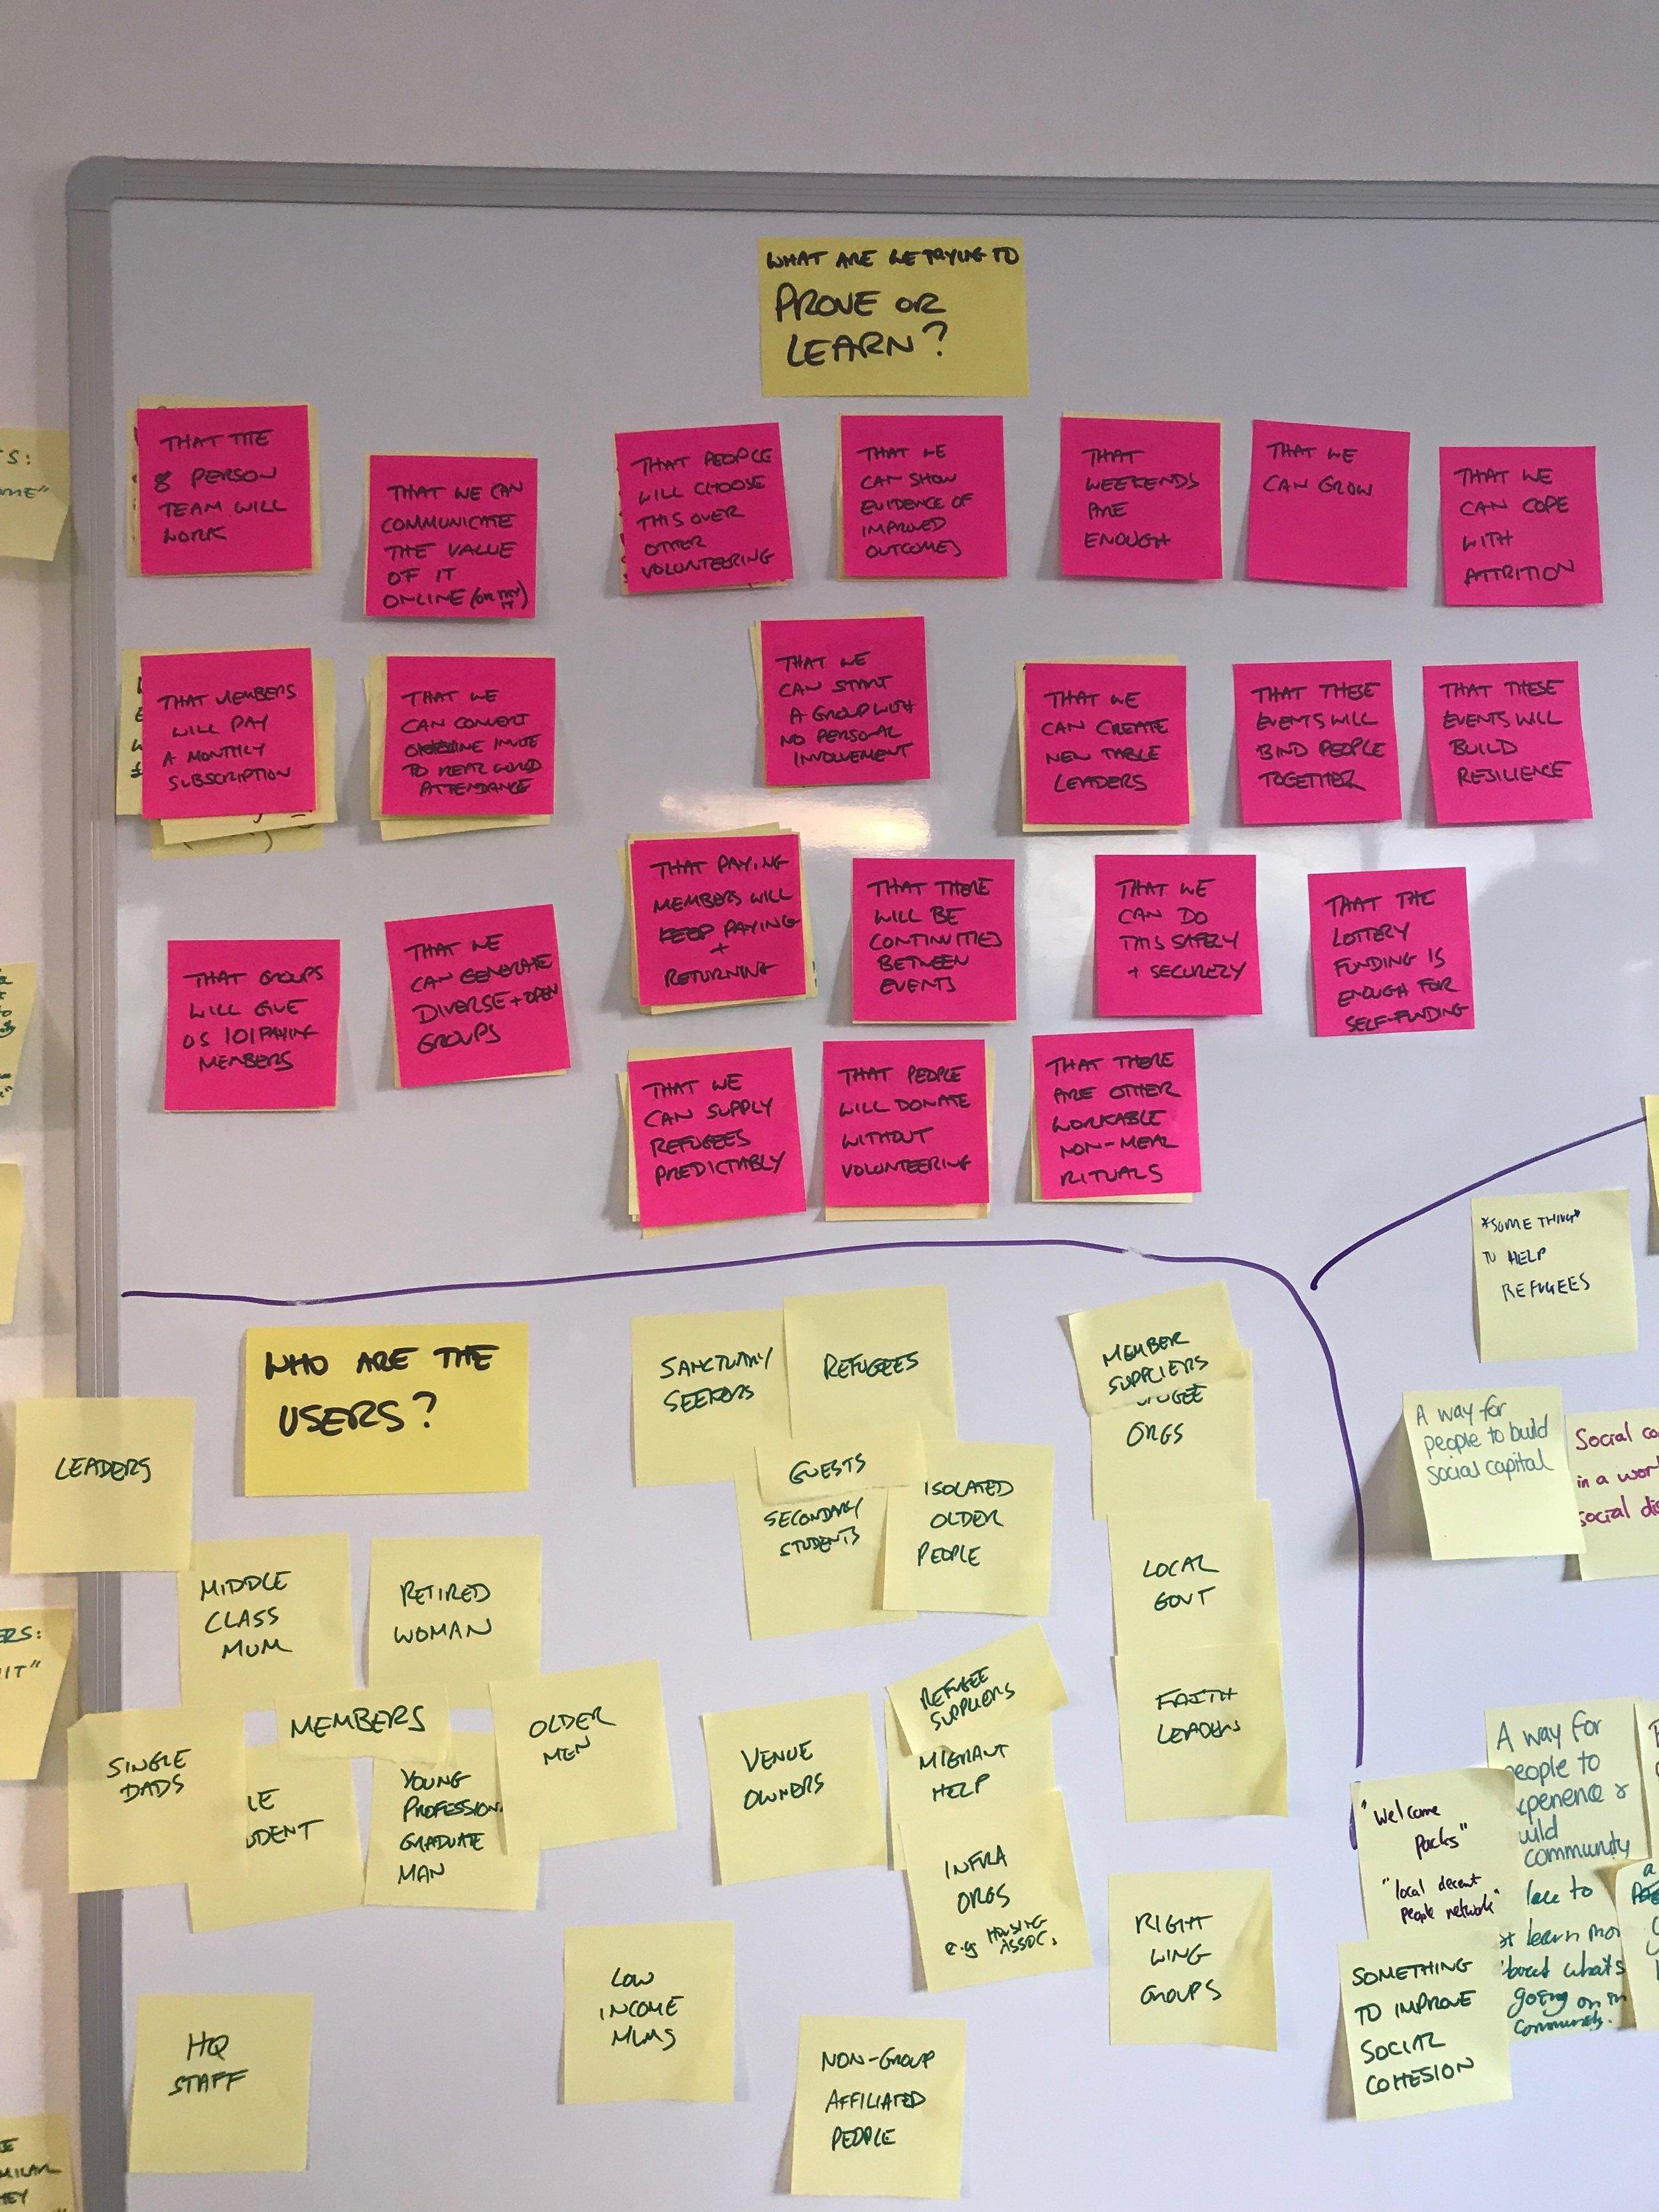 Roadmap+-+prove+or+learn+1.jpeg